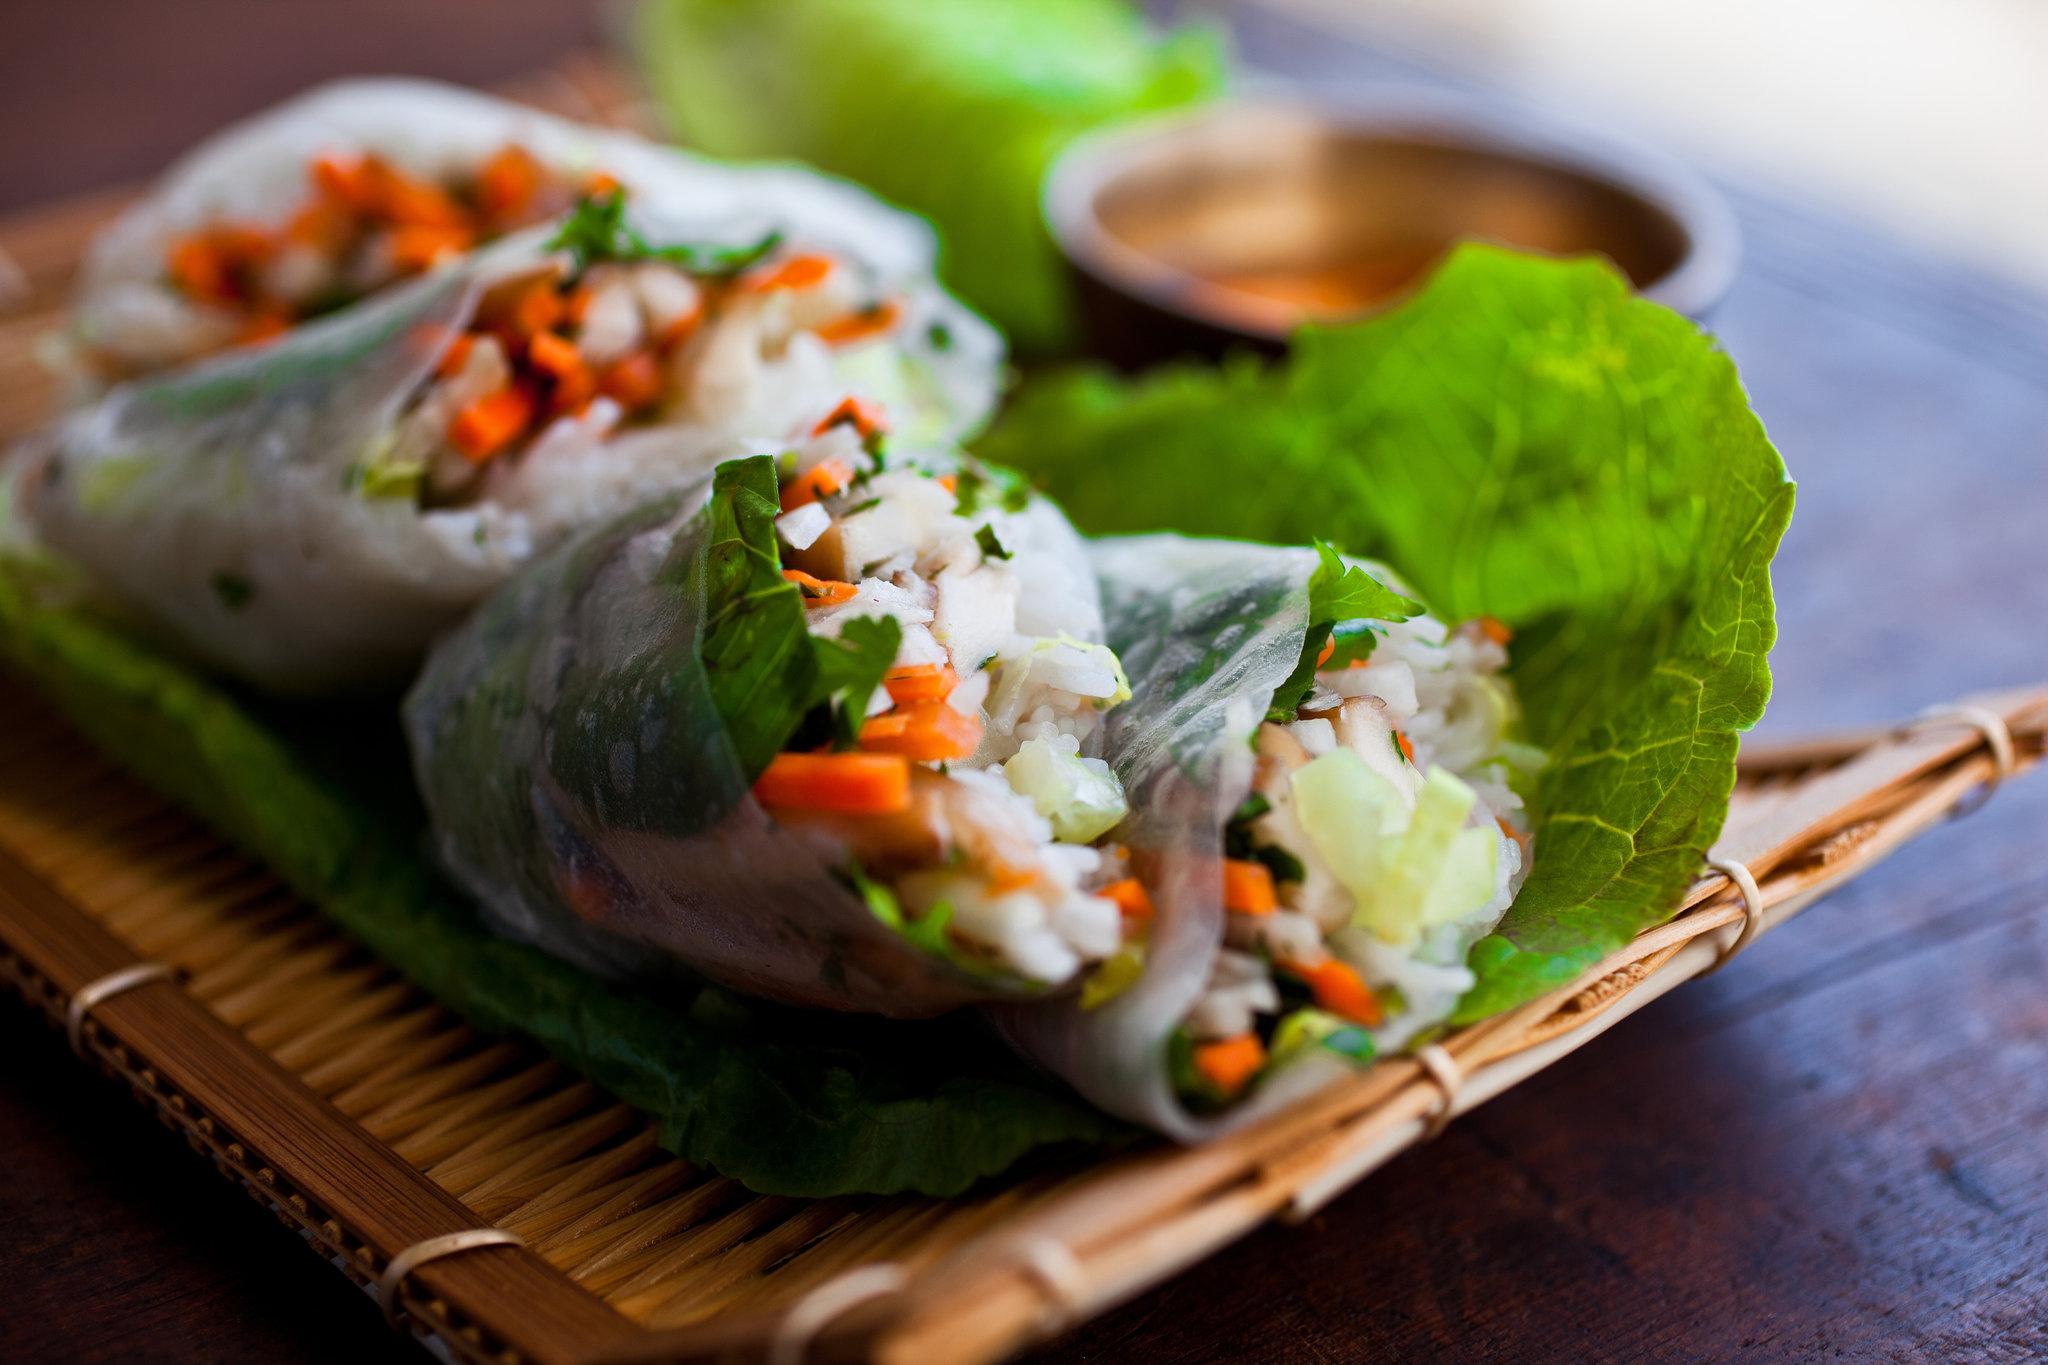 Clase de Cocina tailandesa Vegana 19 Noviembre, Malaga